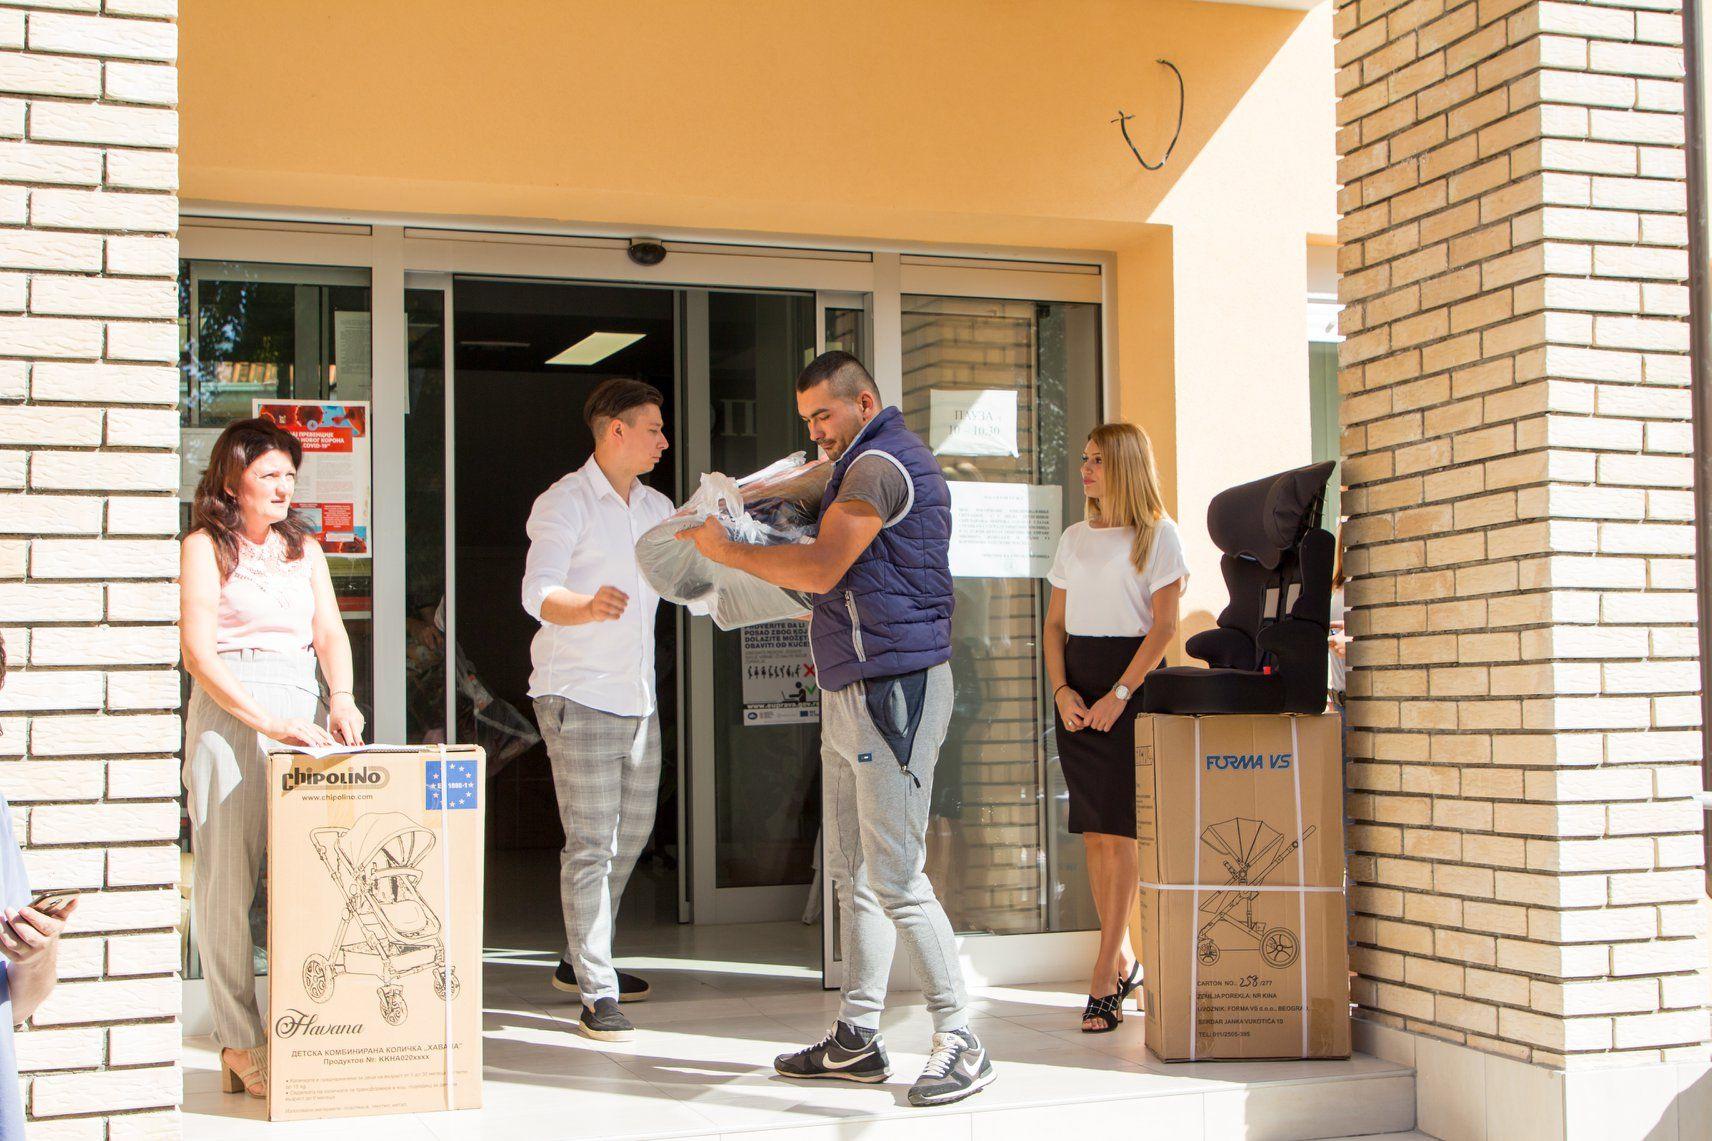 Predsednik opštine Mionica uručio vredne poklone za mioničke mališane. Roditelji dobili auto sedišta i kolica u kojima će voziti njihovi mališani.